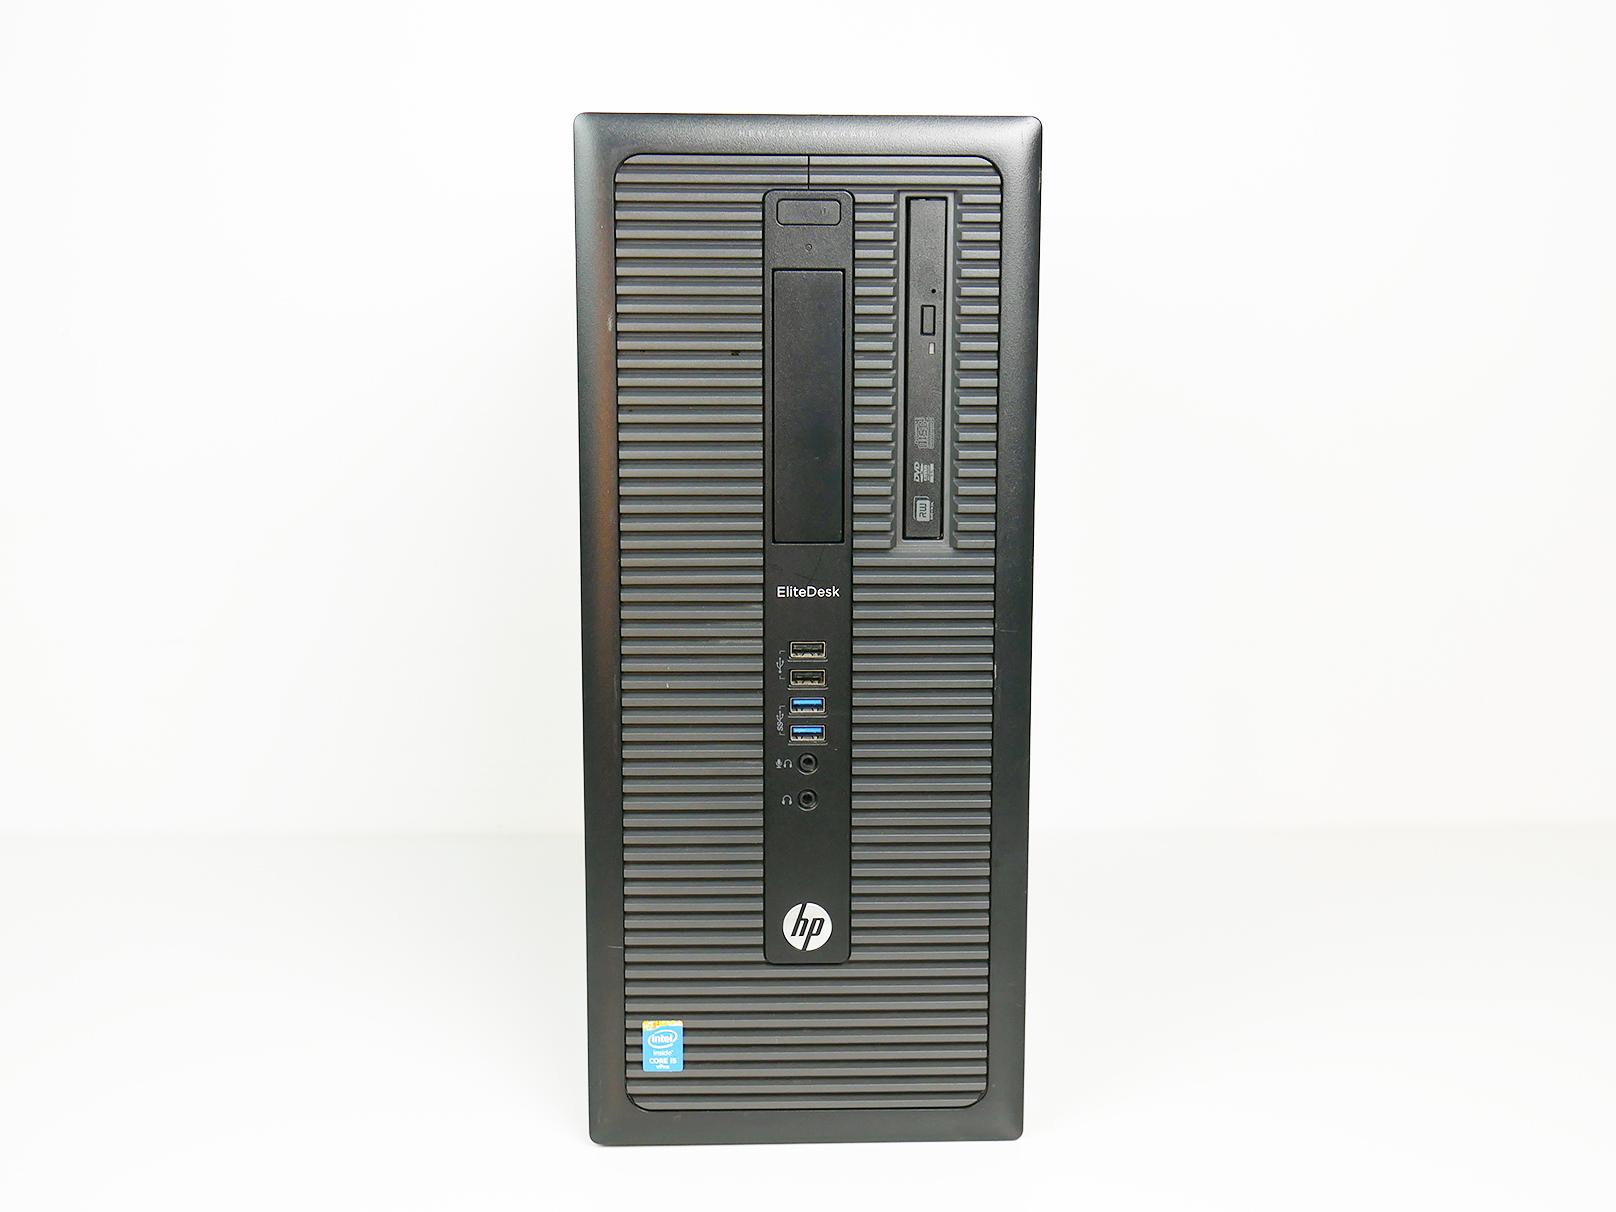 Komputer do grania do 2000